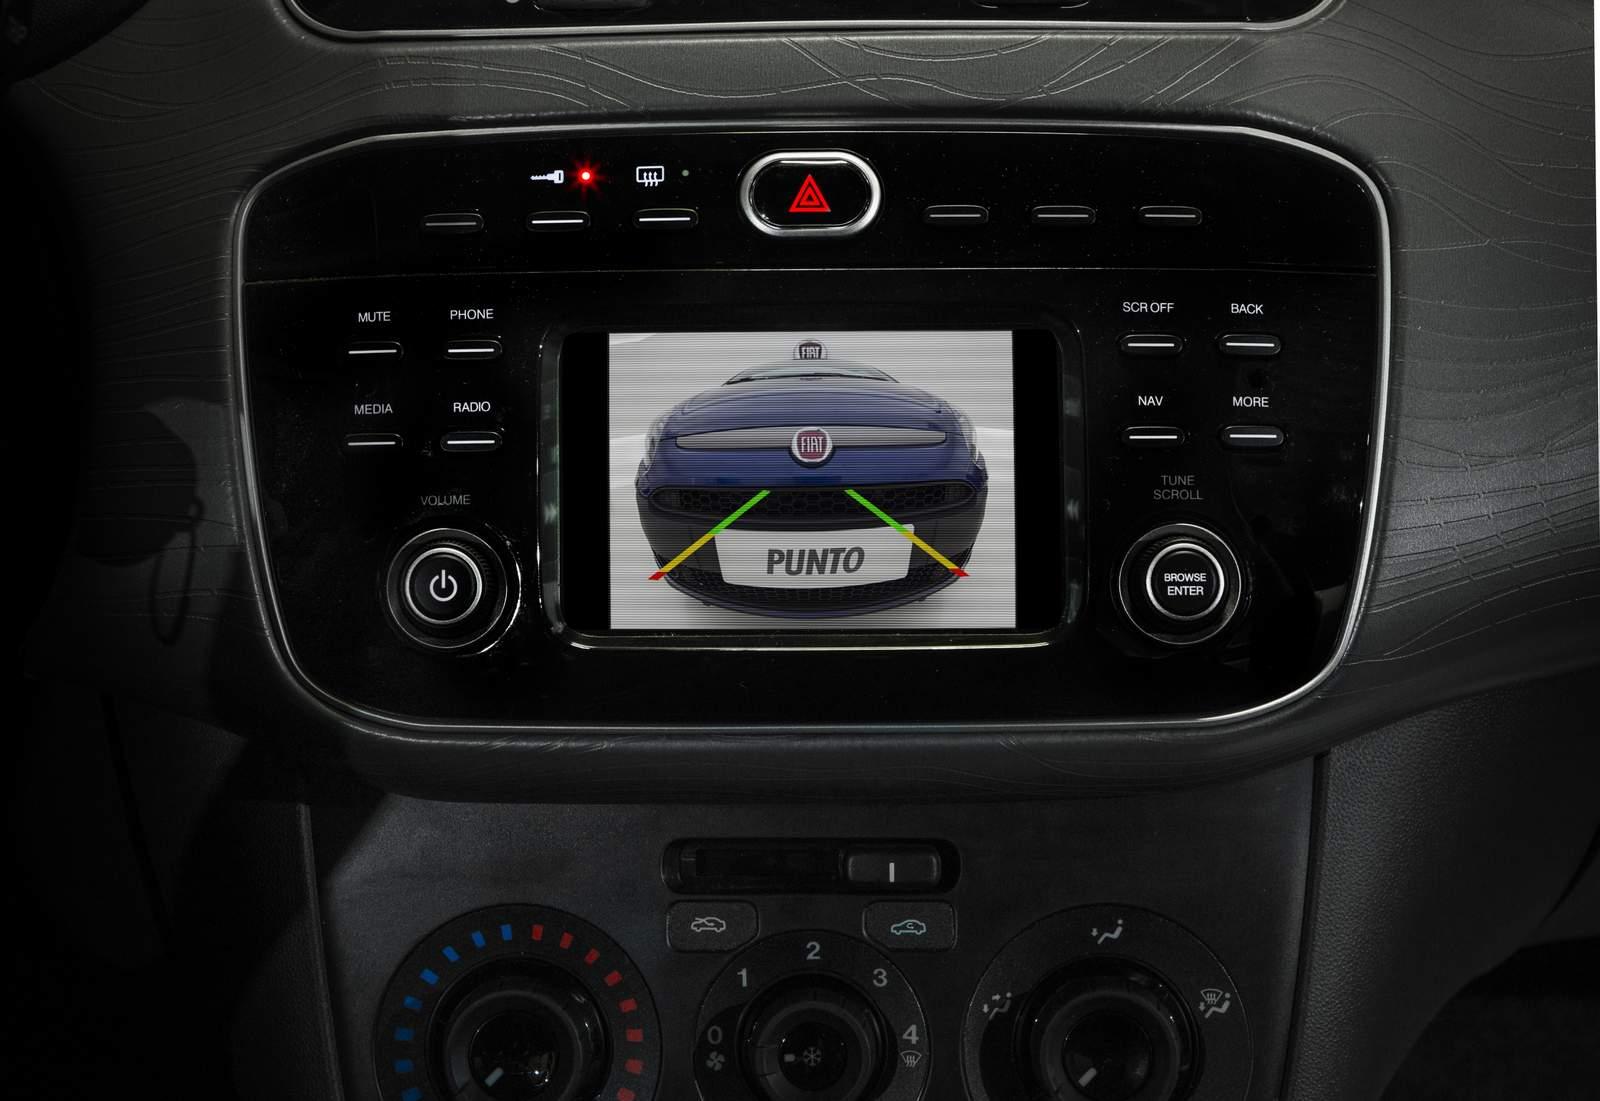 Novo Fiat Punto 2016 - Central Multimídia